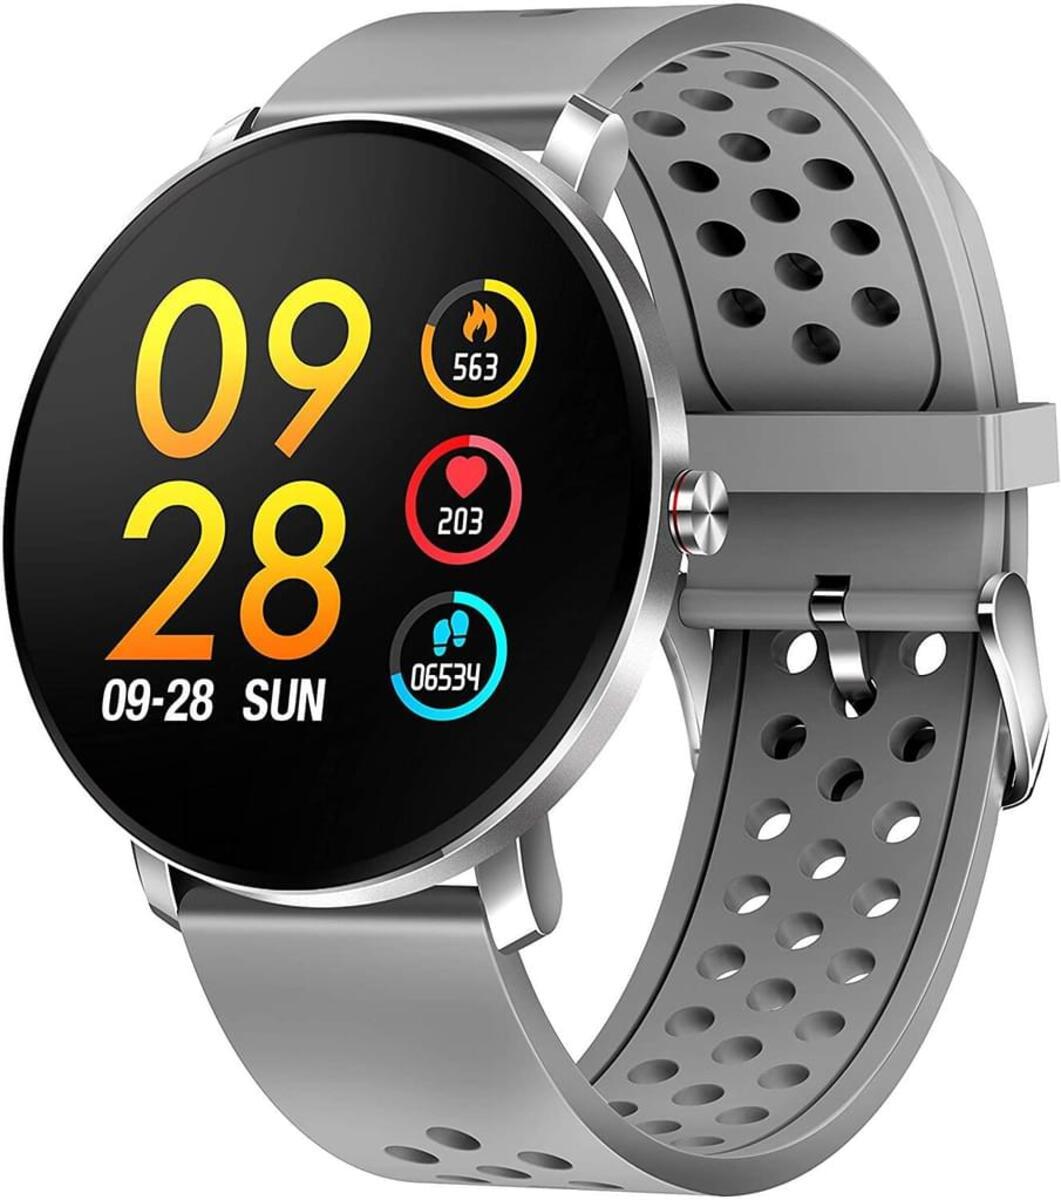 Bild 1 von Denver Smartwatch SW-171, Bluetooth, Touchscreen, Farbe: Grau